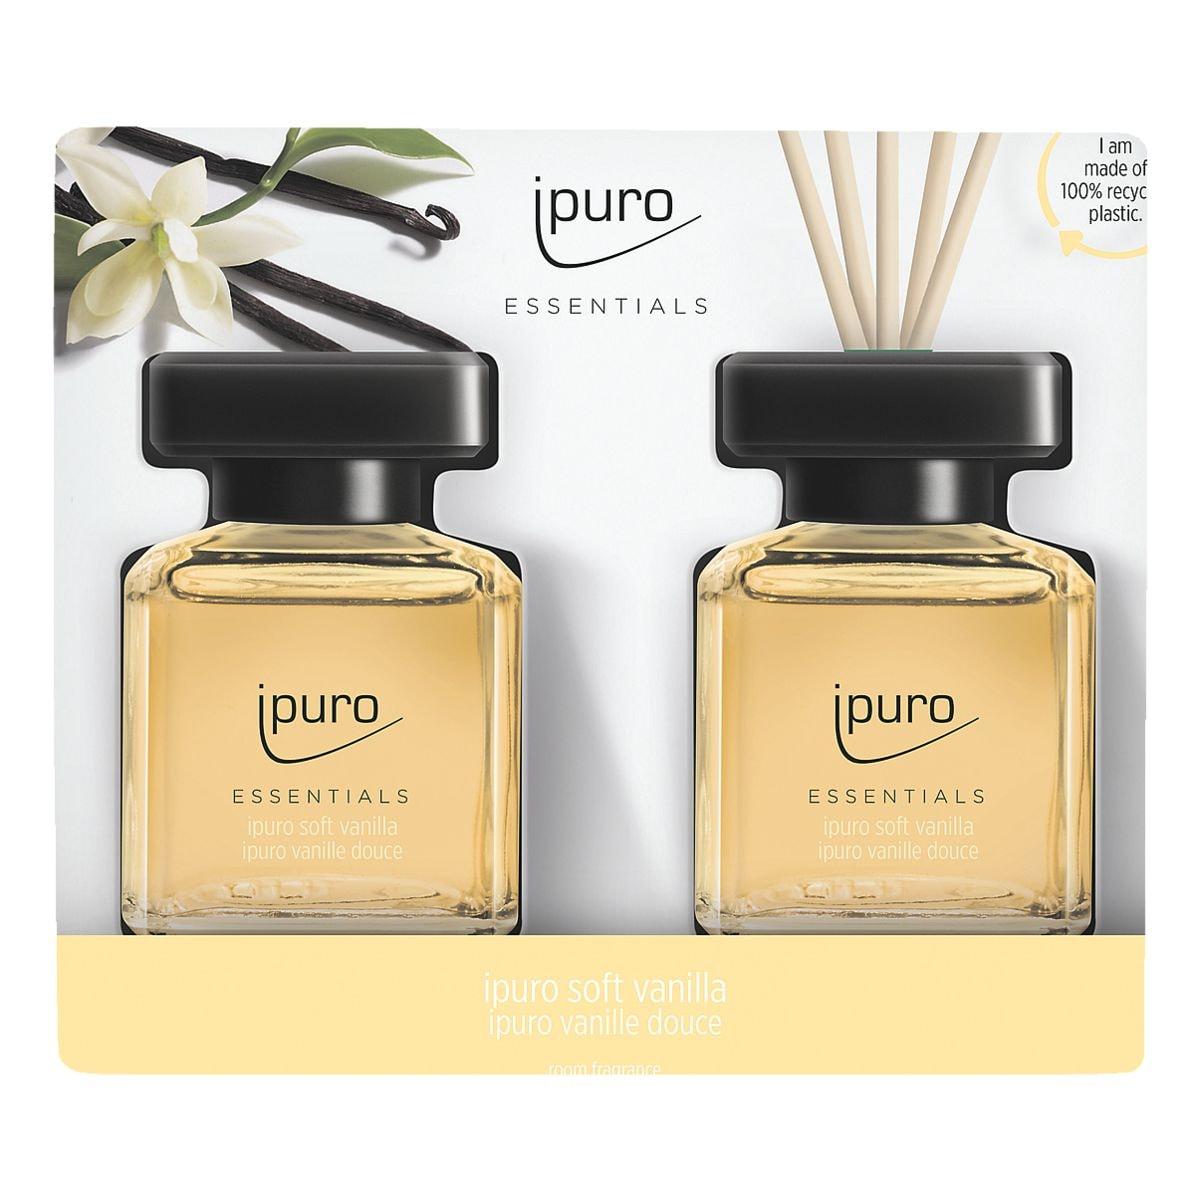 ipuro Raumduft »Soft Vanilla Touch« 2x 50 ml